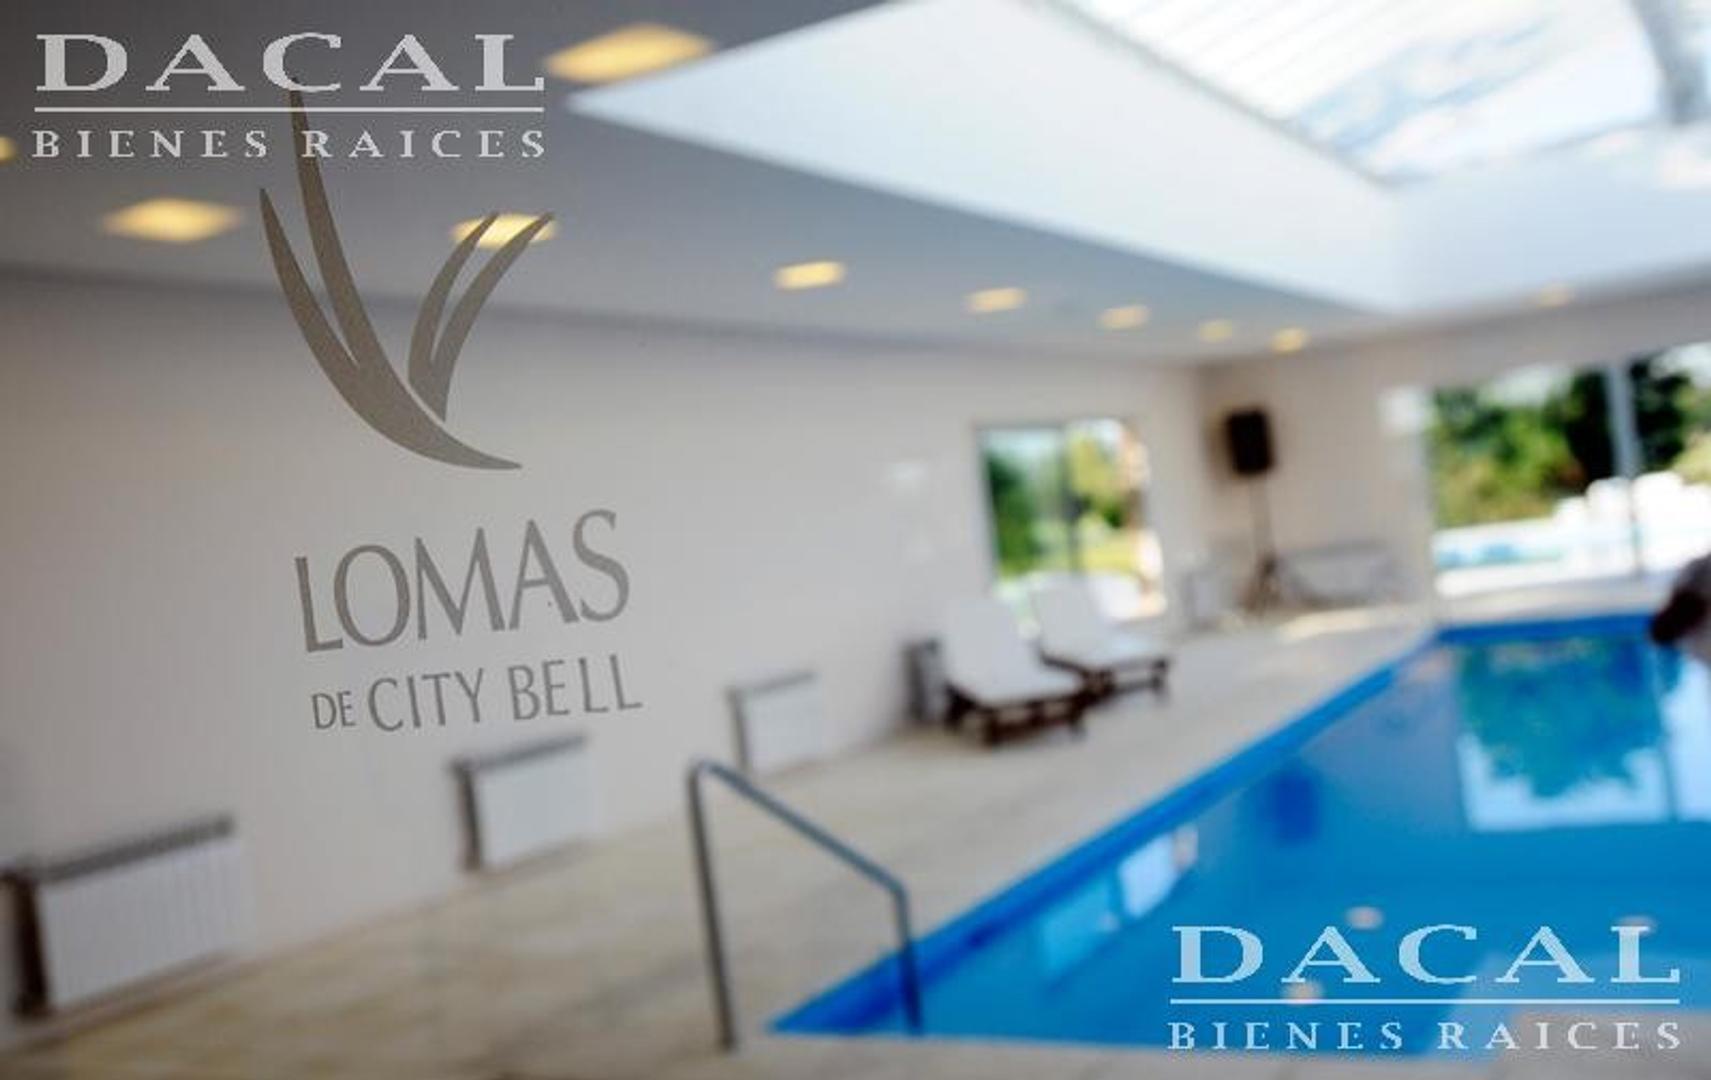 Lomas de City Bell - Dacal Bienes Raices - Foto 25